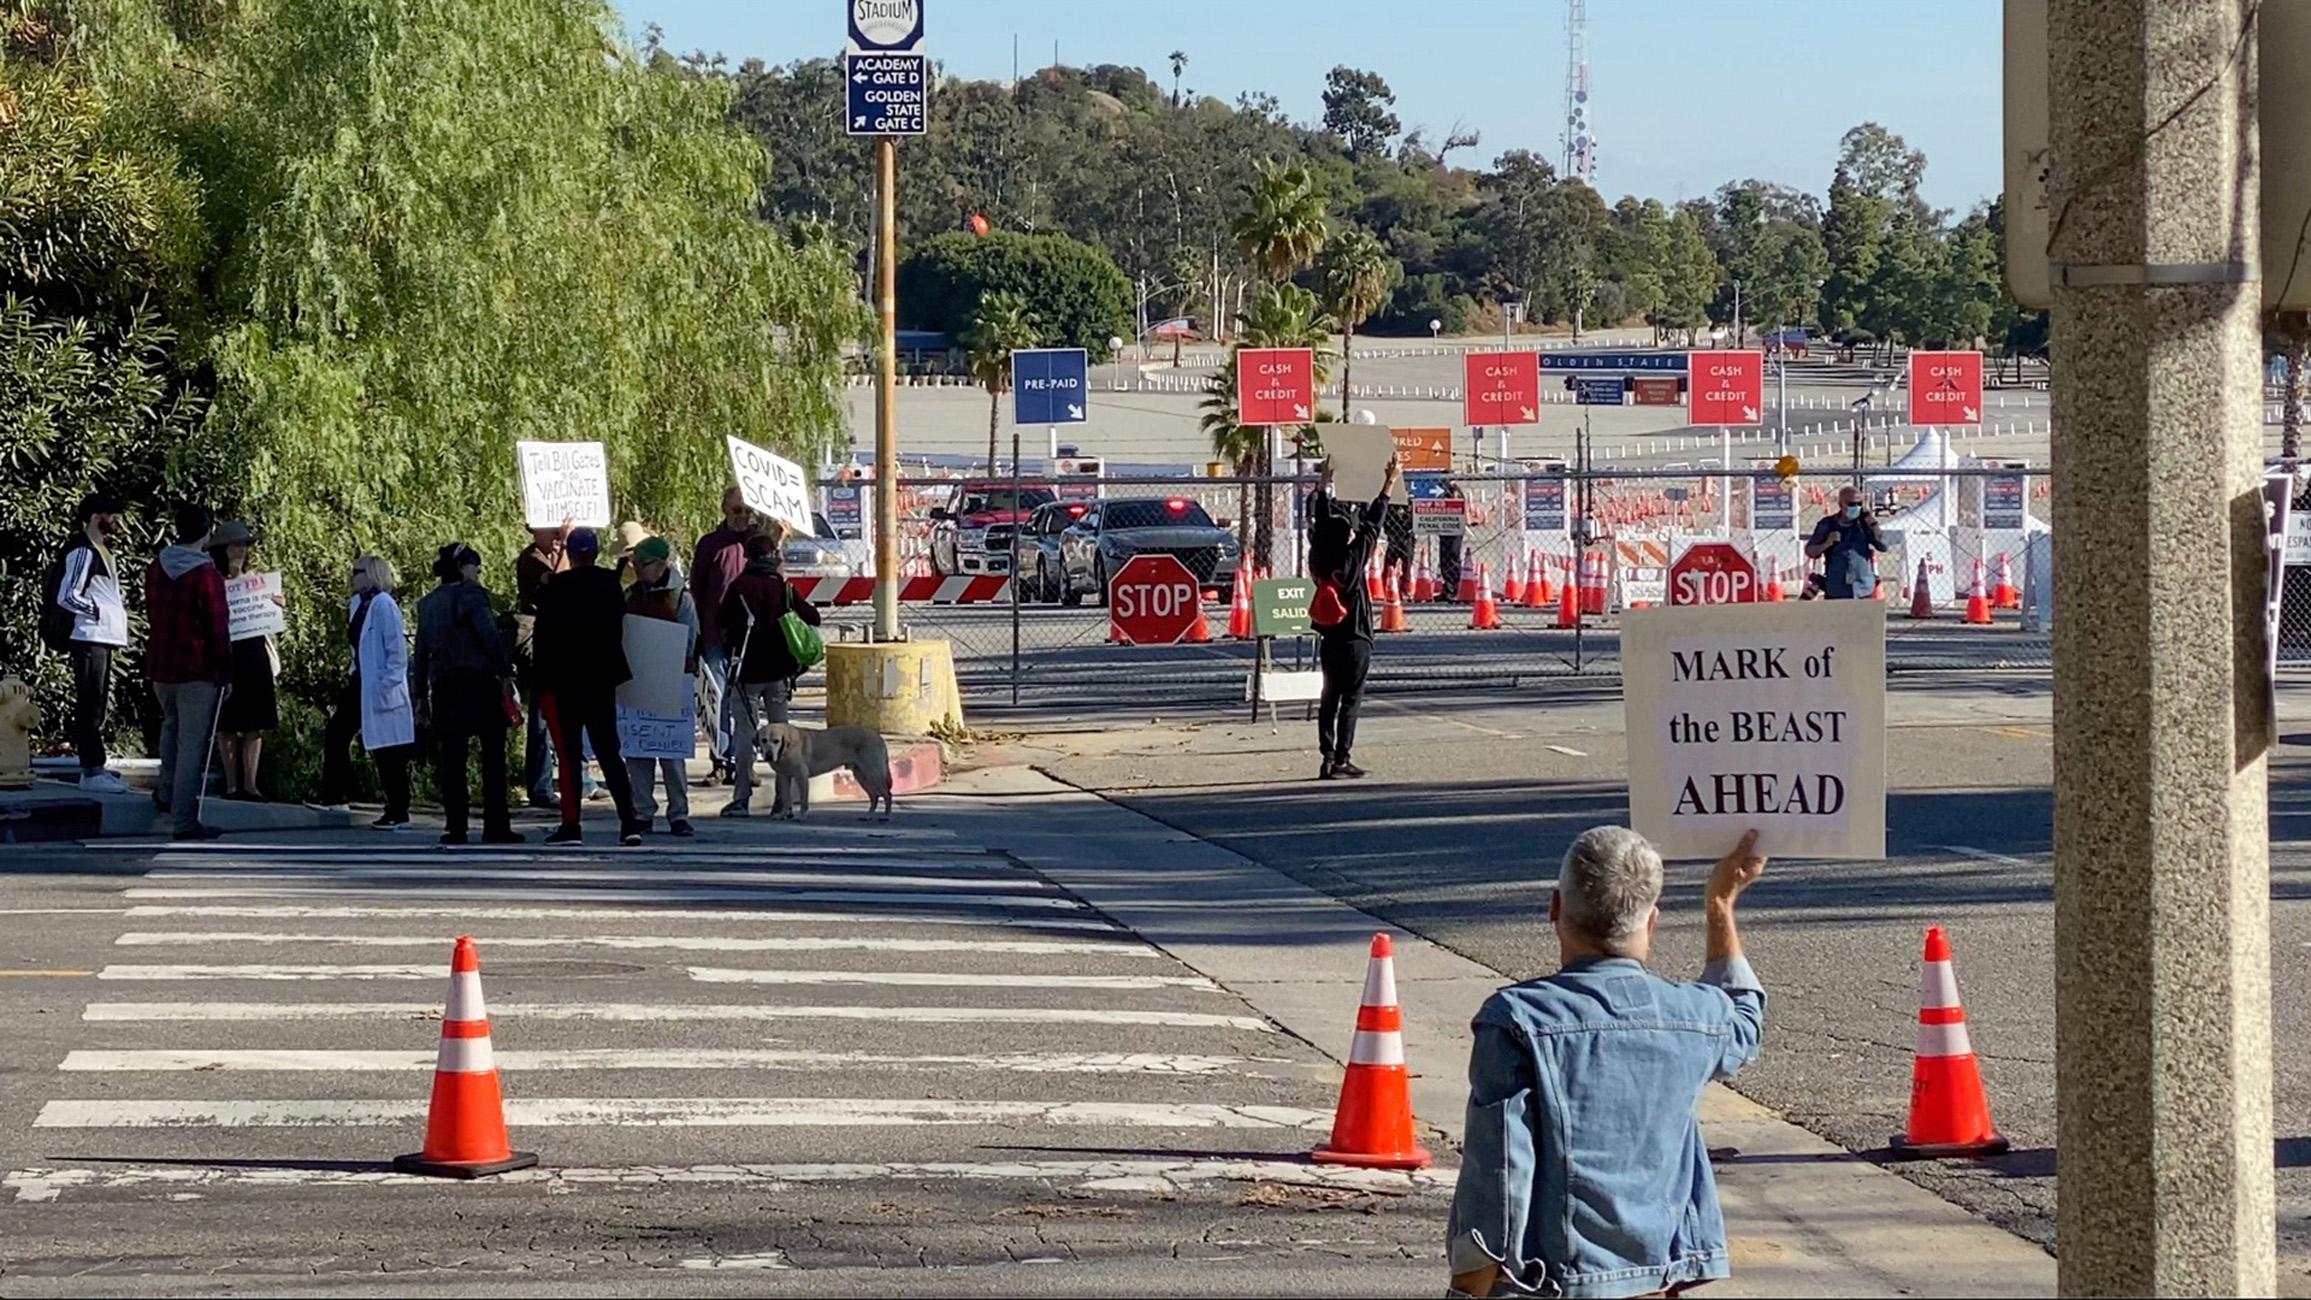 ΗΠΑ: Αρνητές του κορονοϊού διέκοψαν εμβολιαστικό κέντρο στο Λος Άντζελες